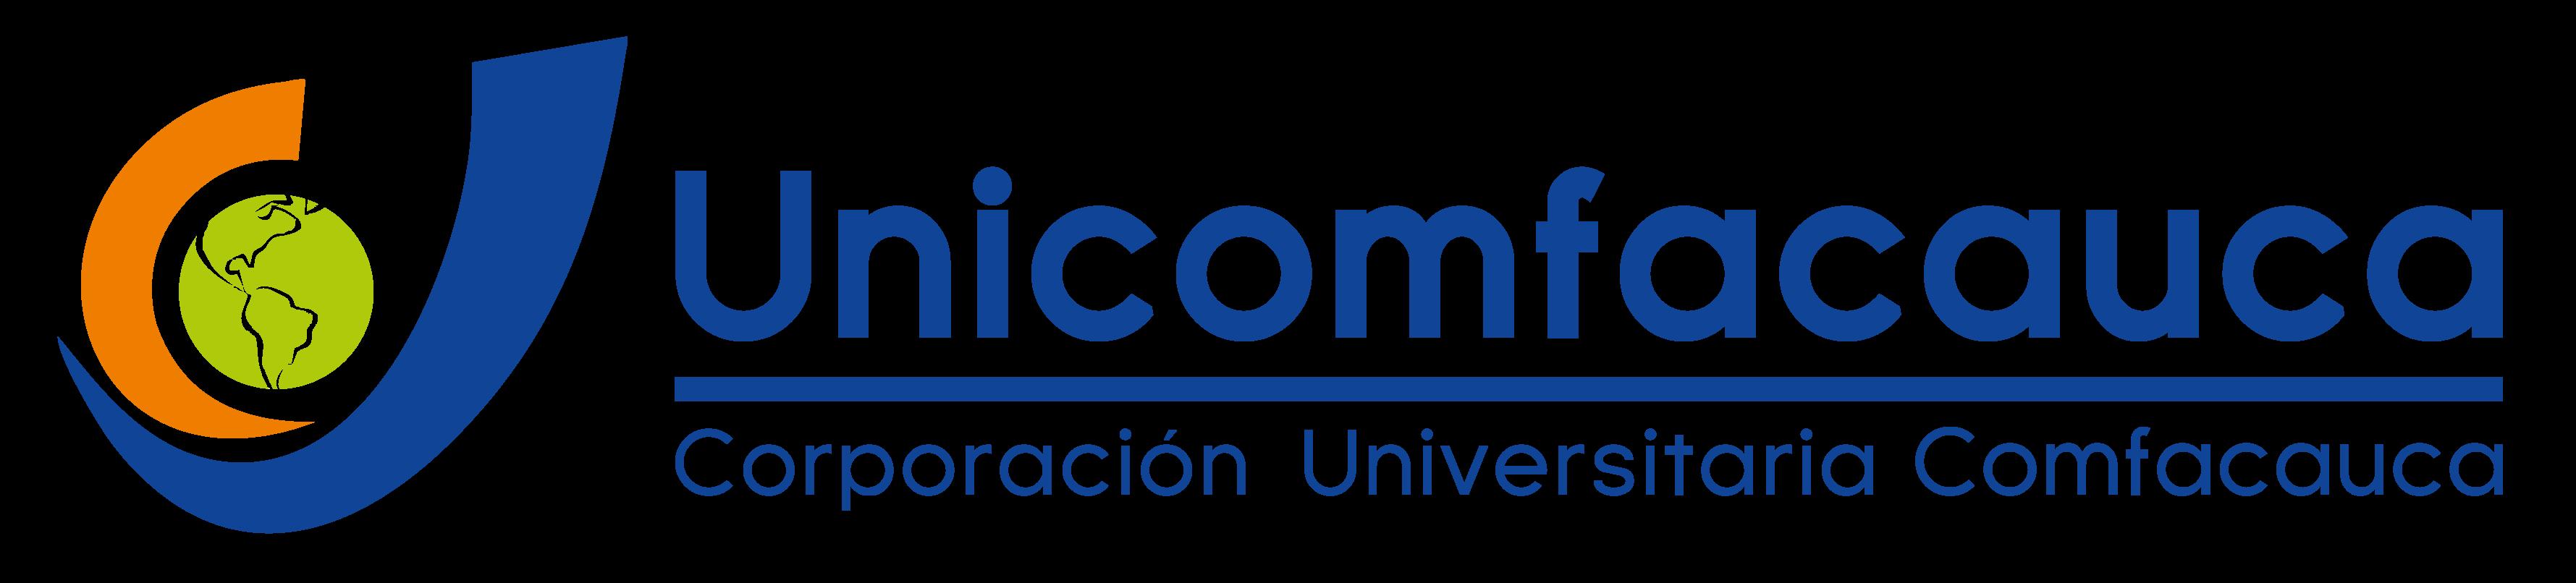 unicomfacauca